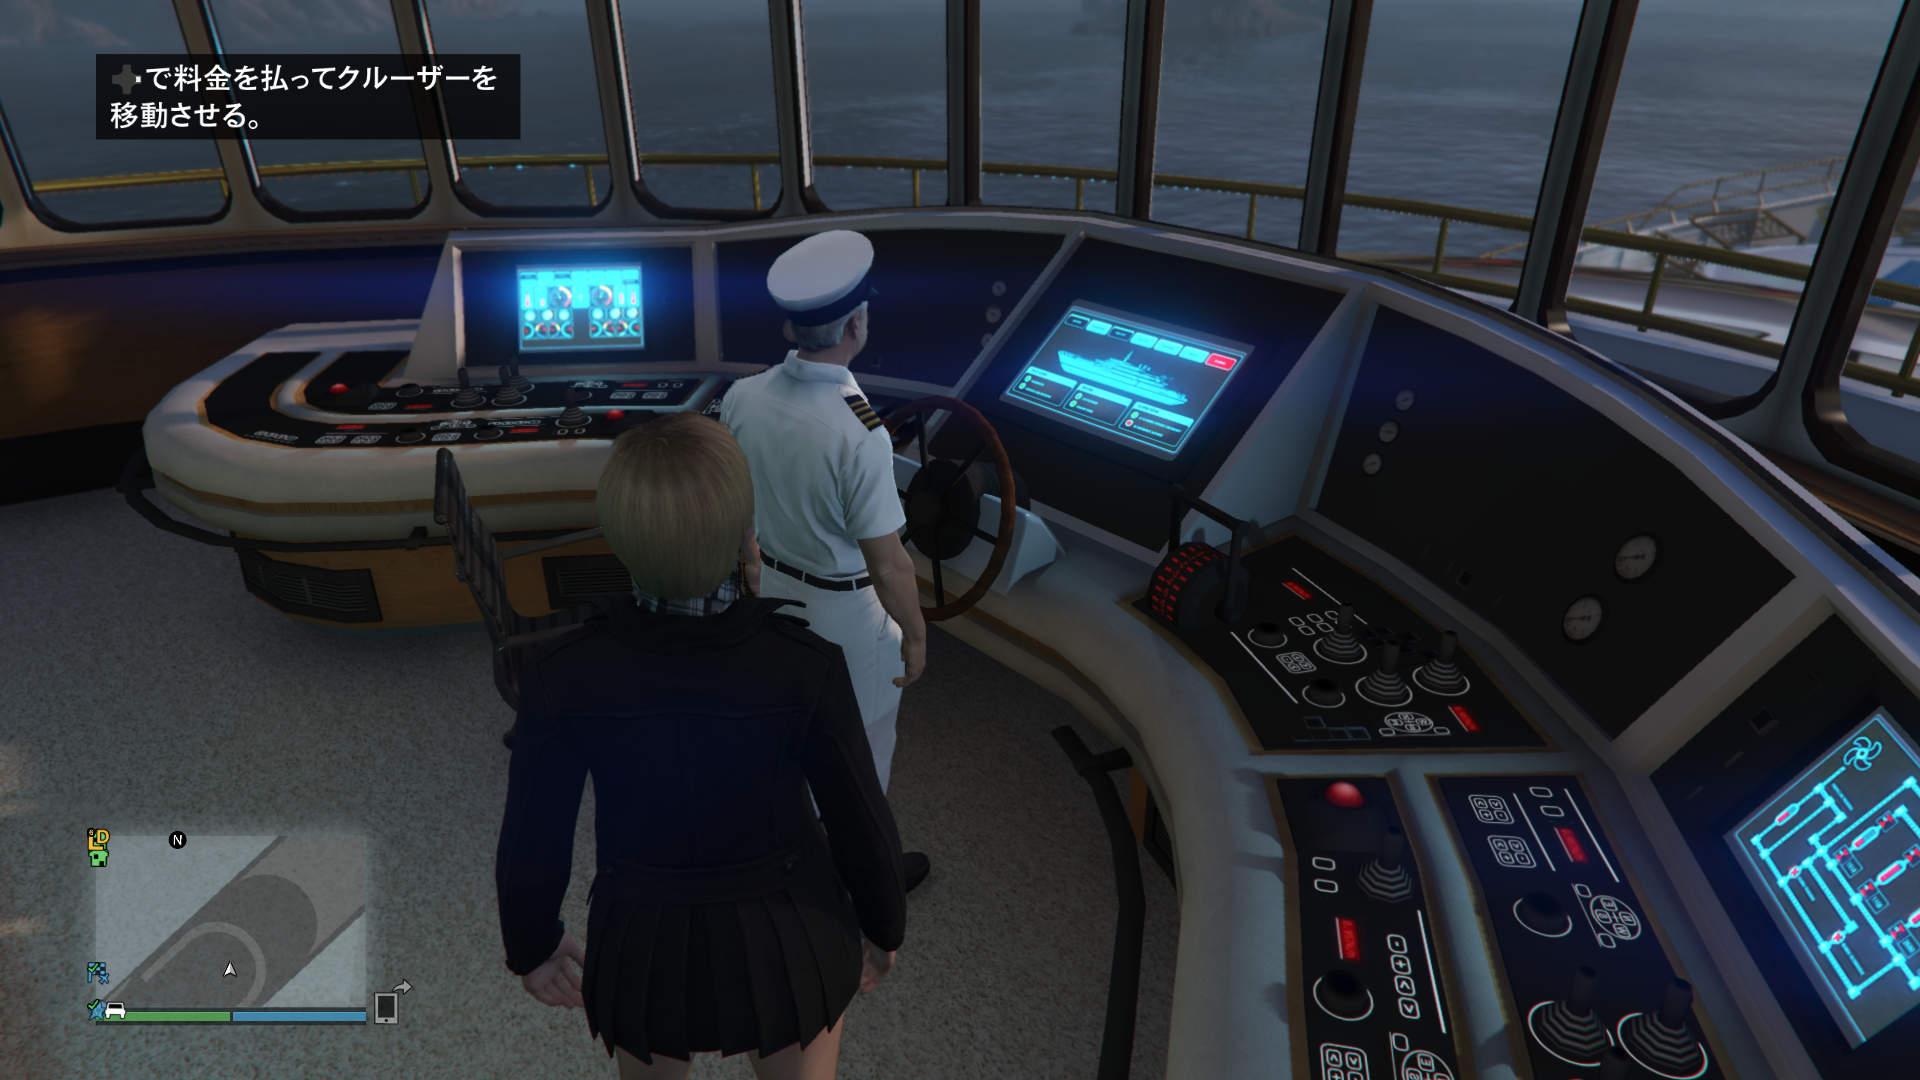 船長、お一人ですか?